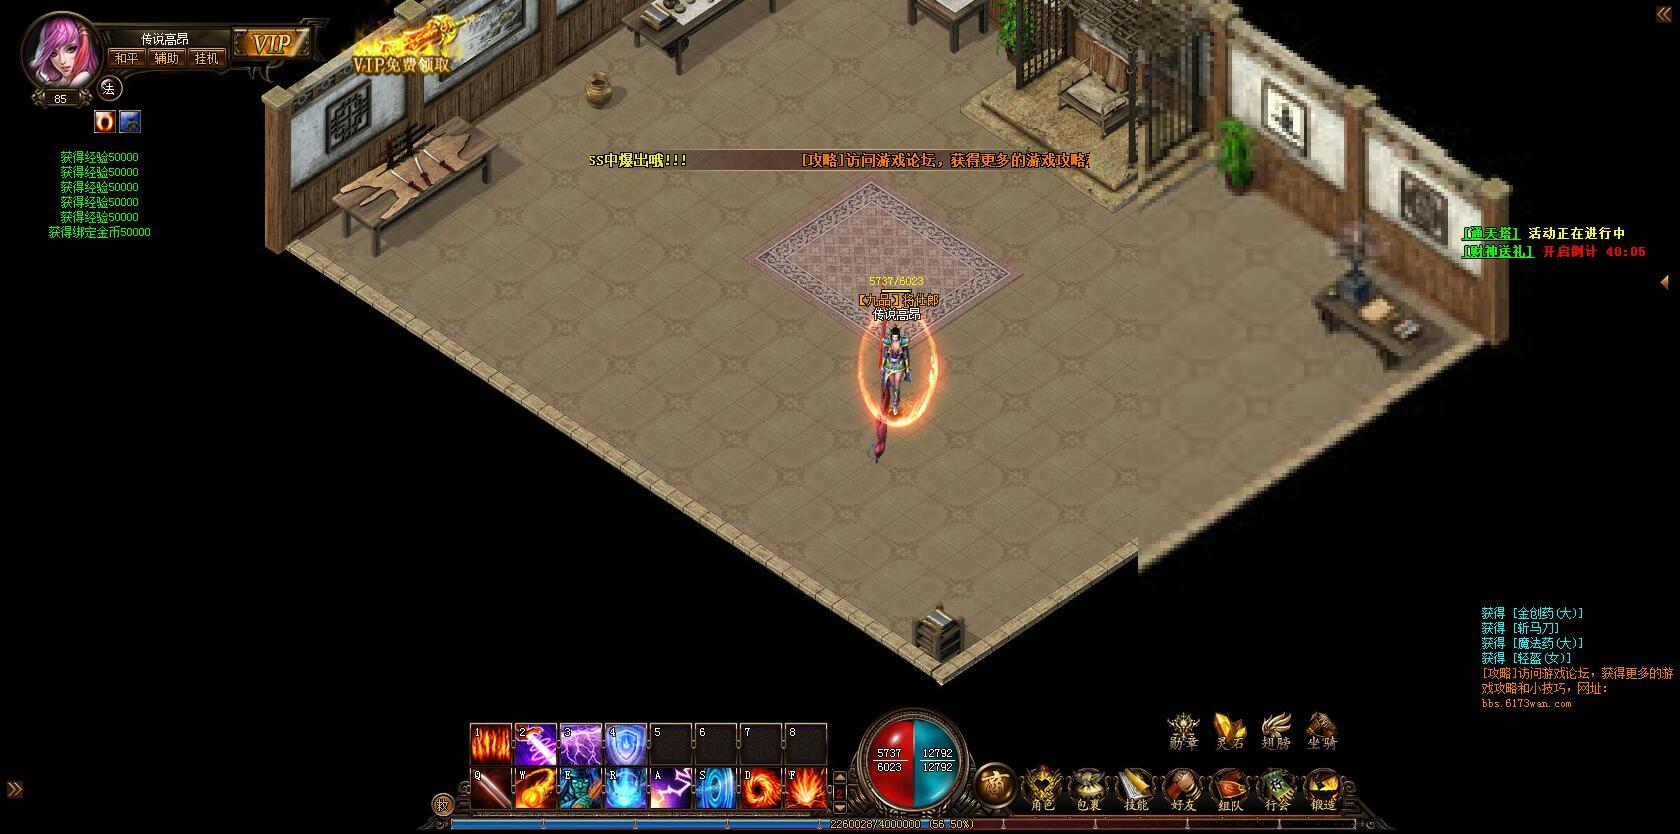 攻城争霸游戏截图1